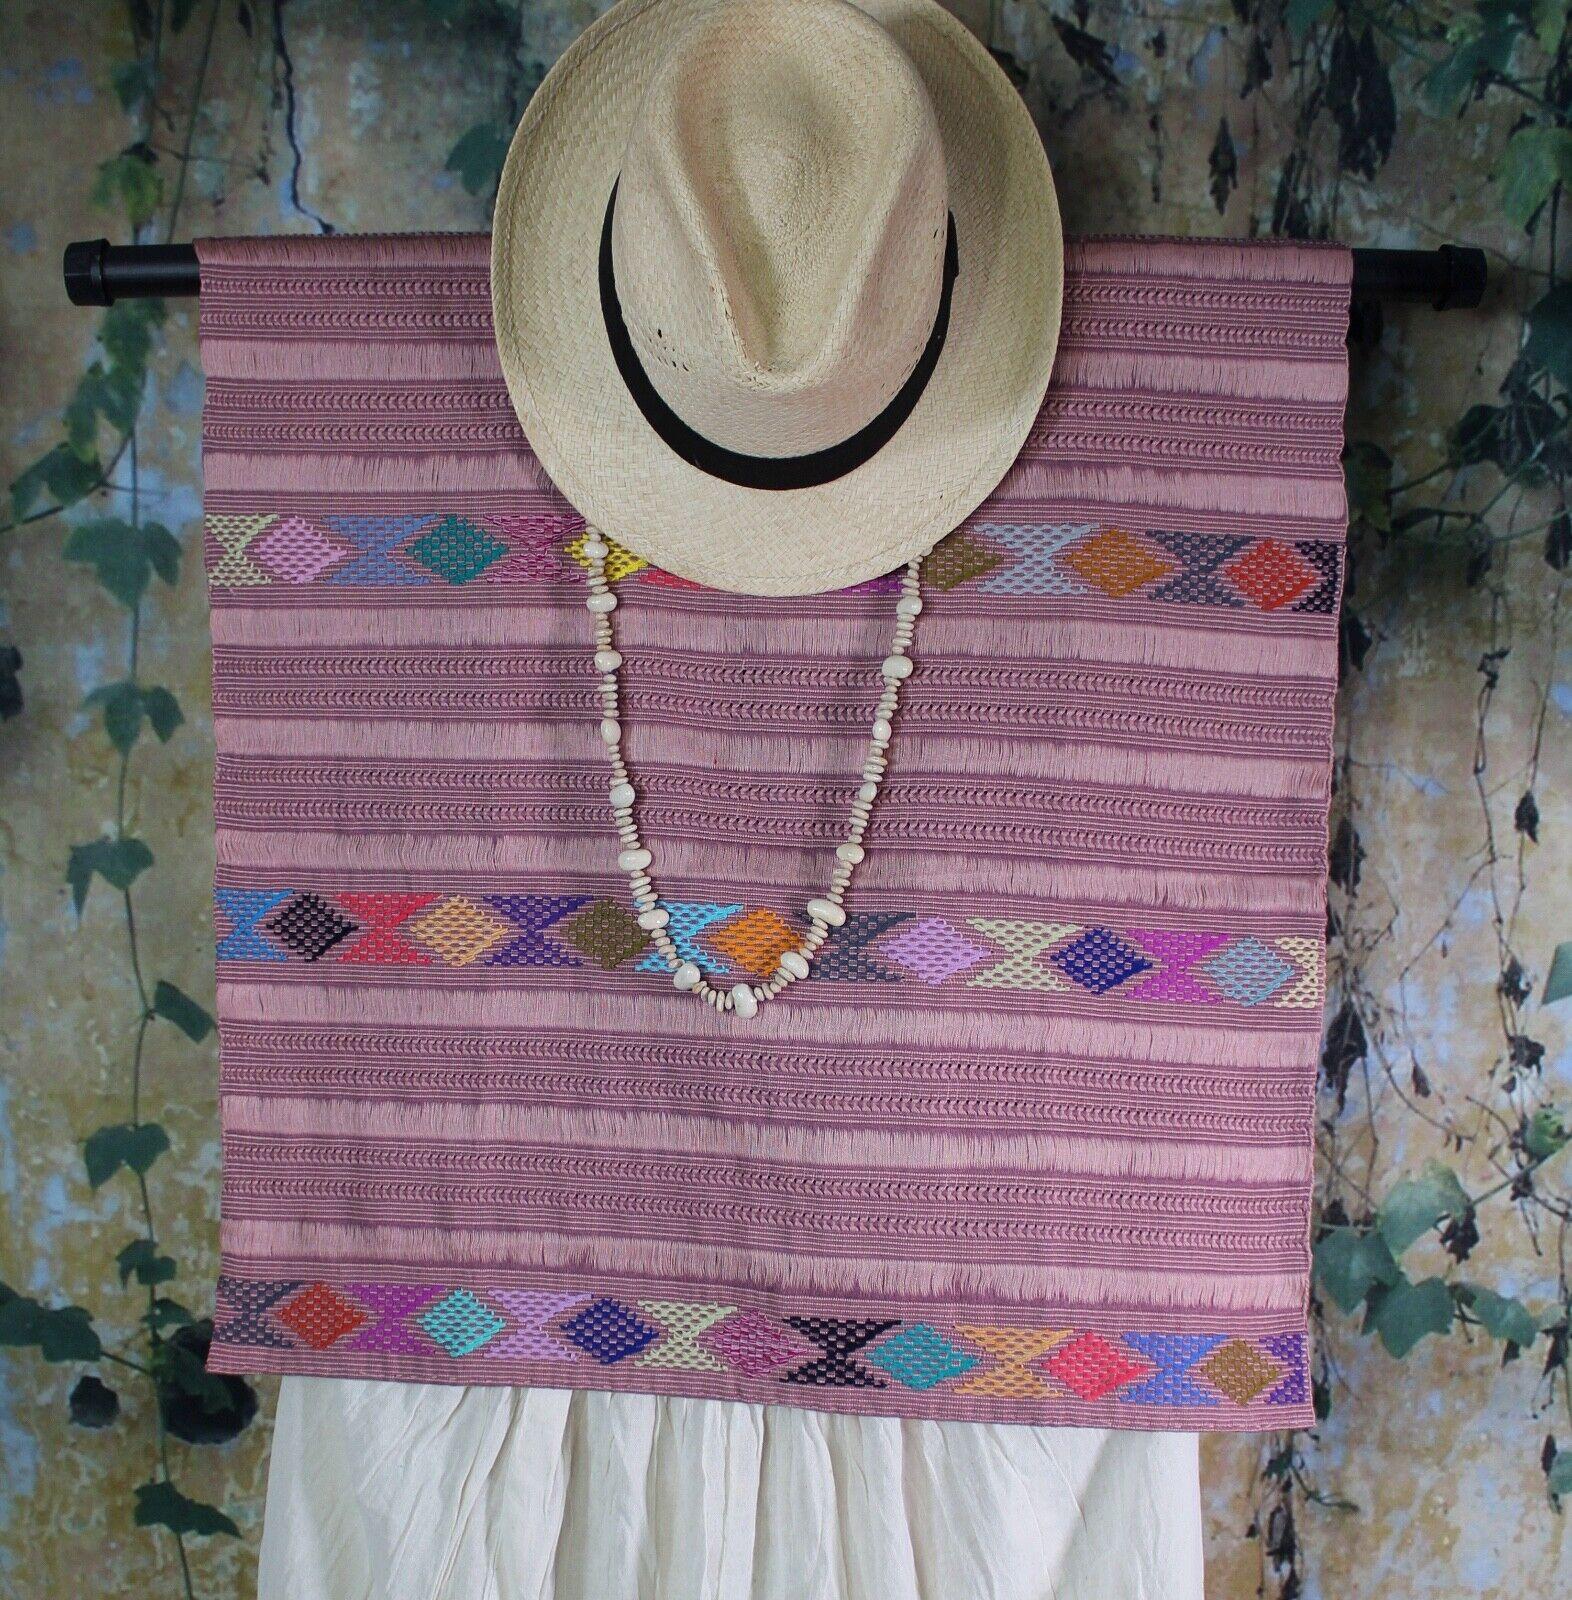 Huipil Tunic Hand Woven Backstrap Loom Mayan Zinacantan Chiapas Mexico Fiesta